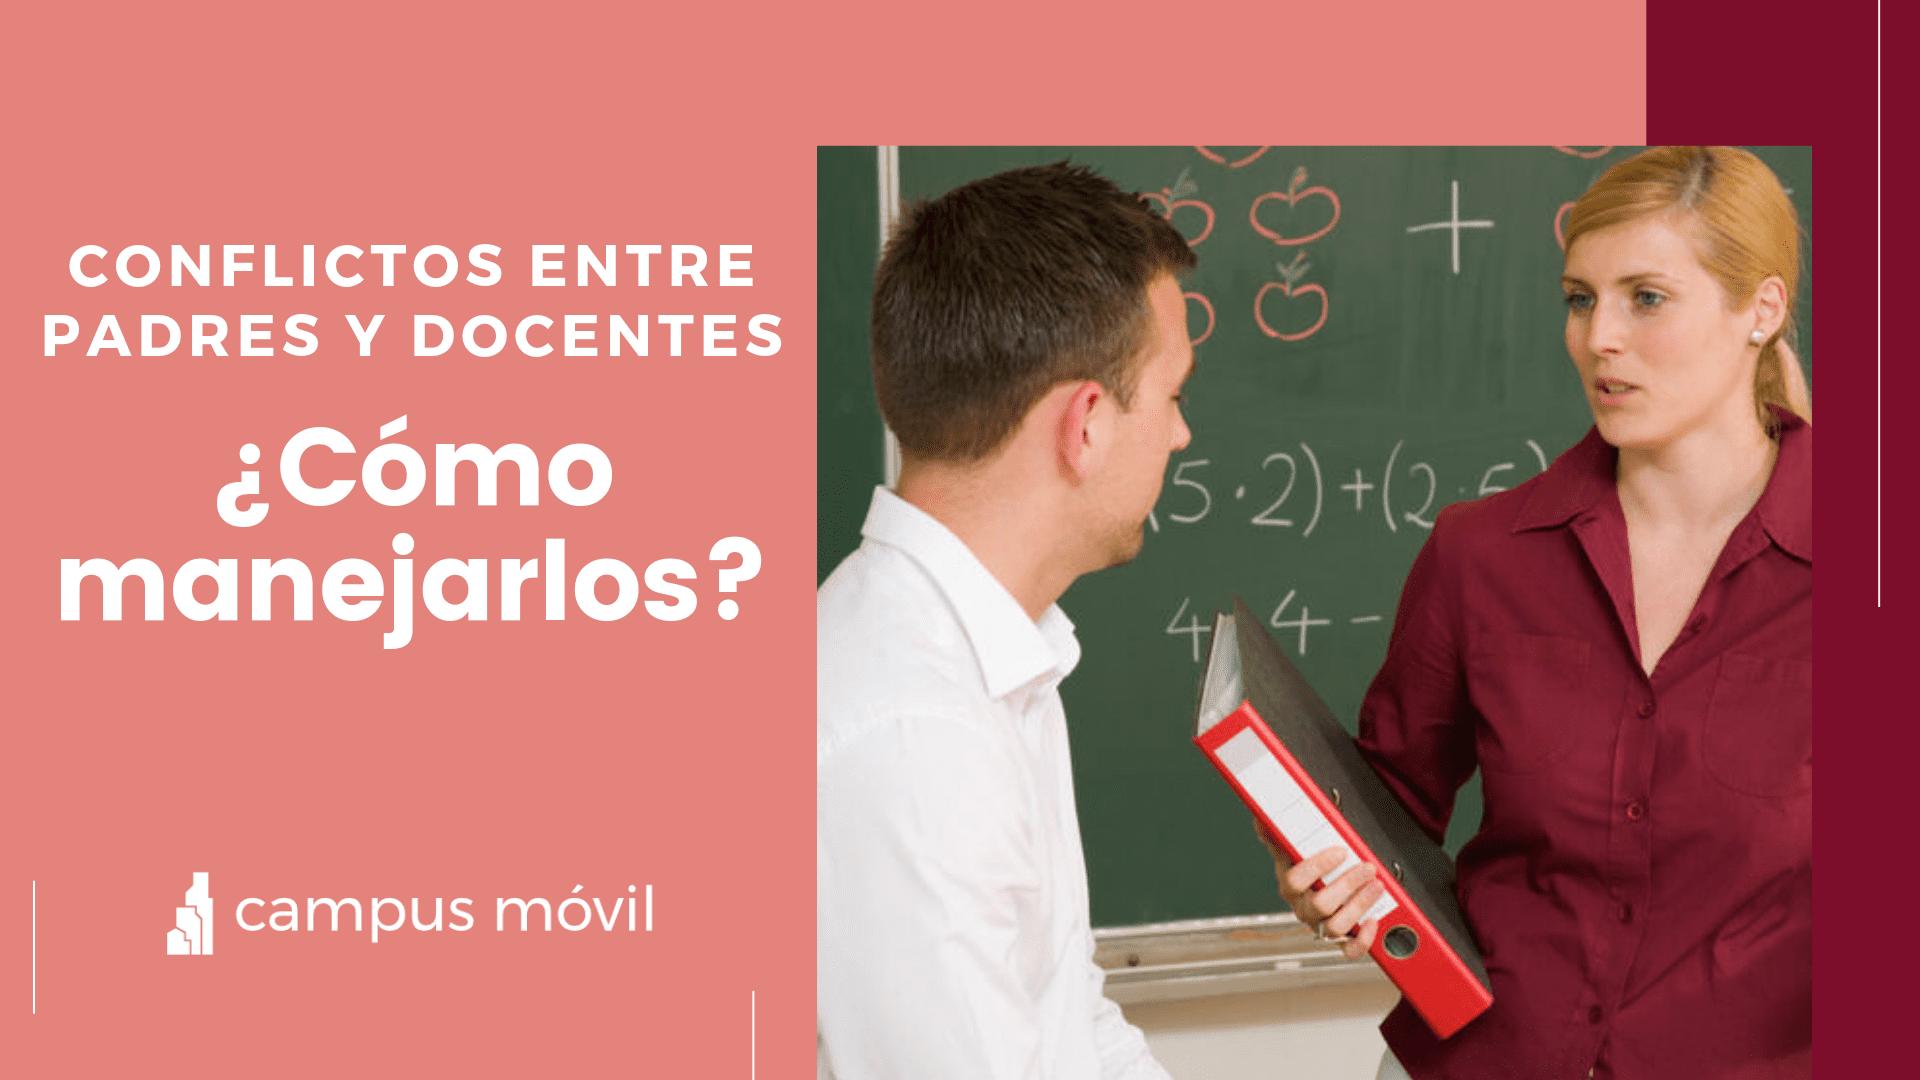 Conflictos entre padres y docentes ¿Cómo manejarlos?